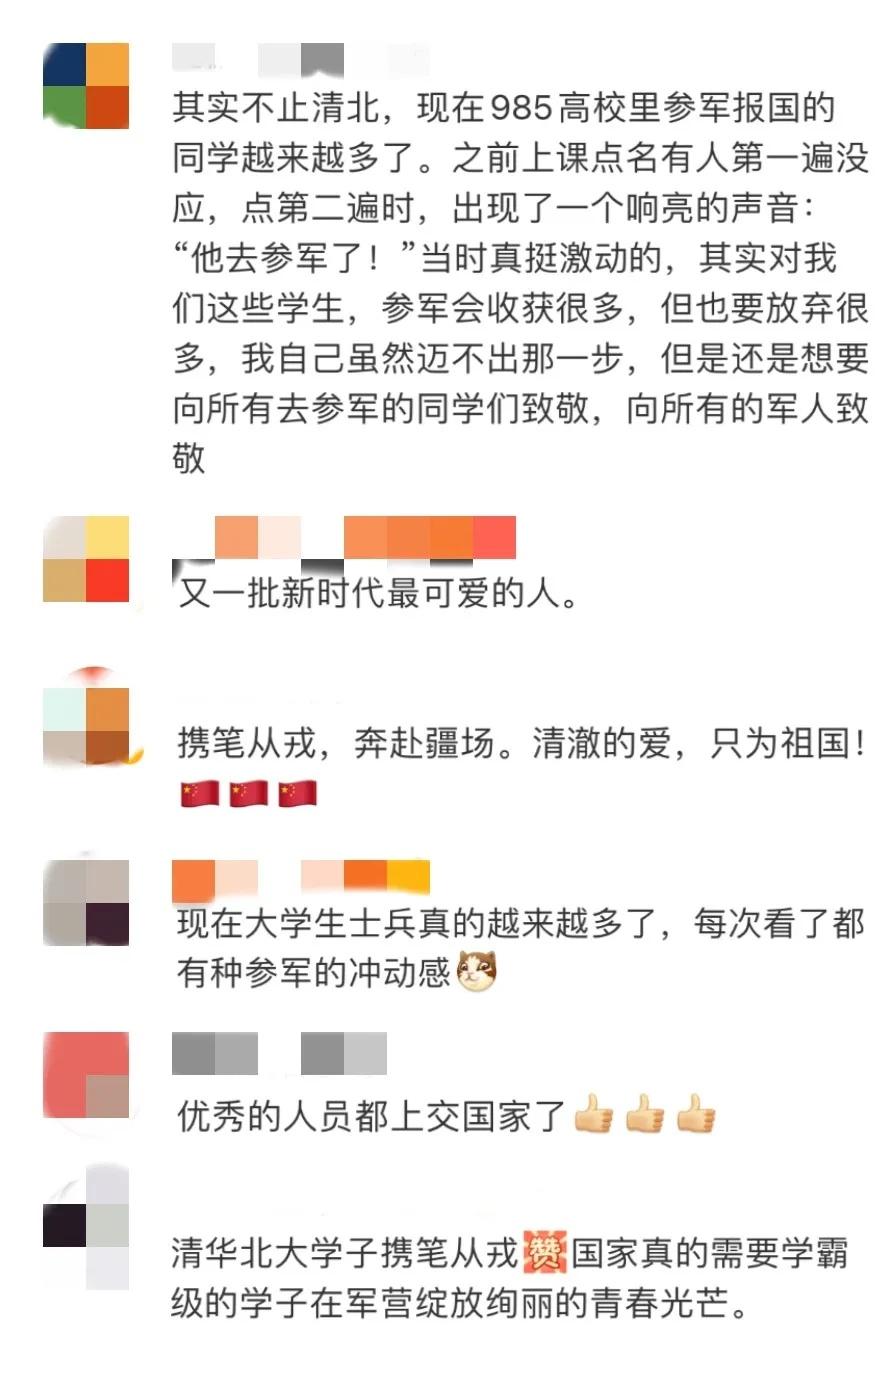 清华北大30名学霸参军入伍